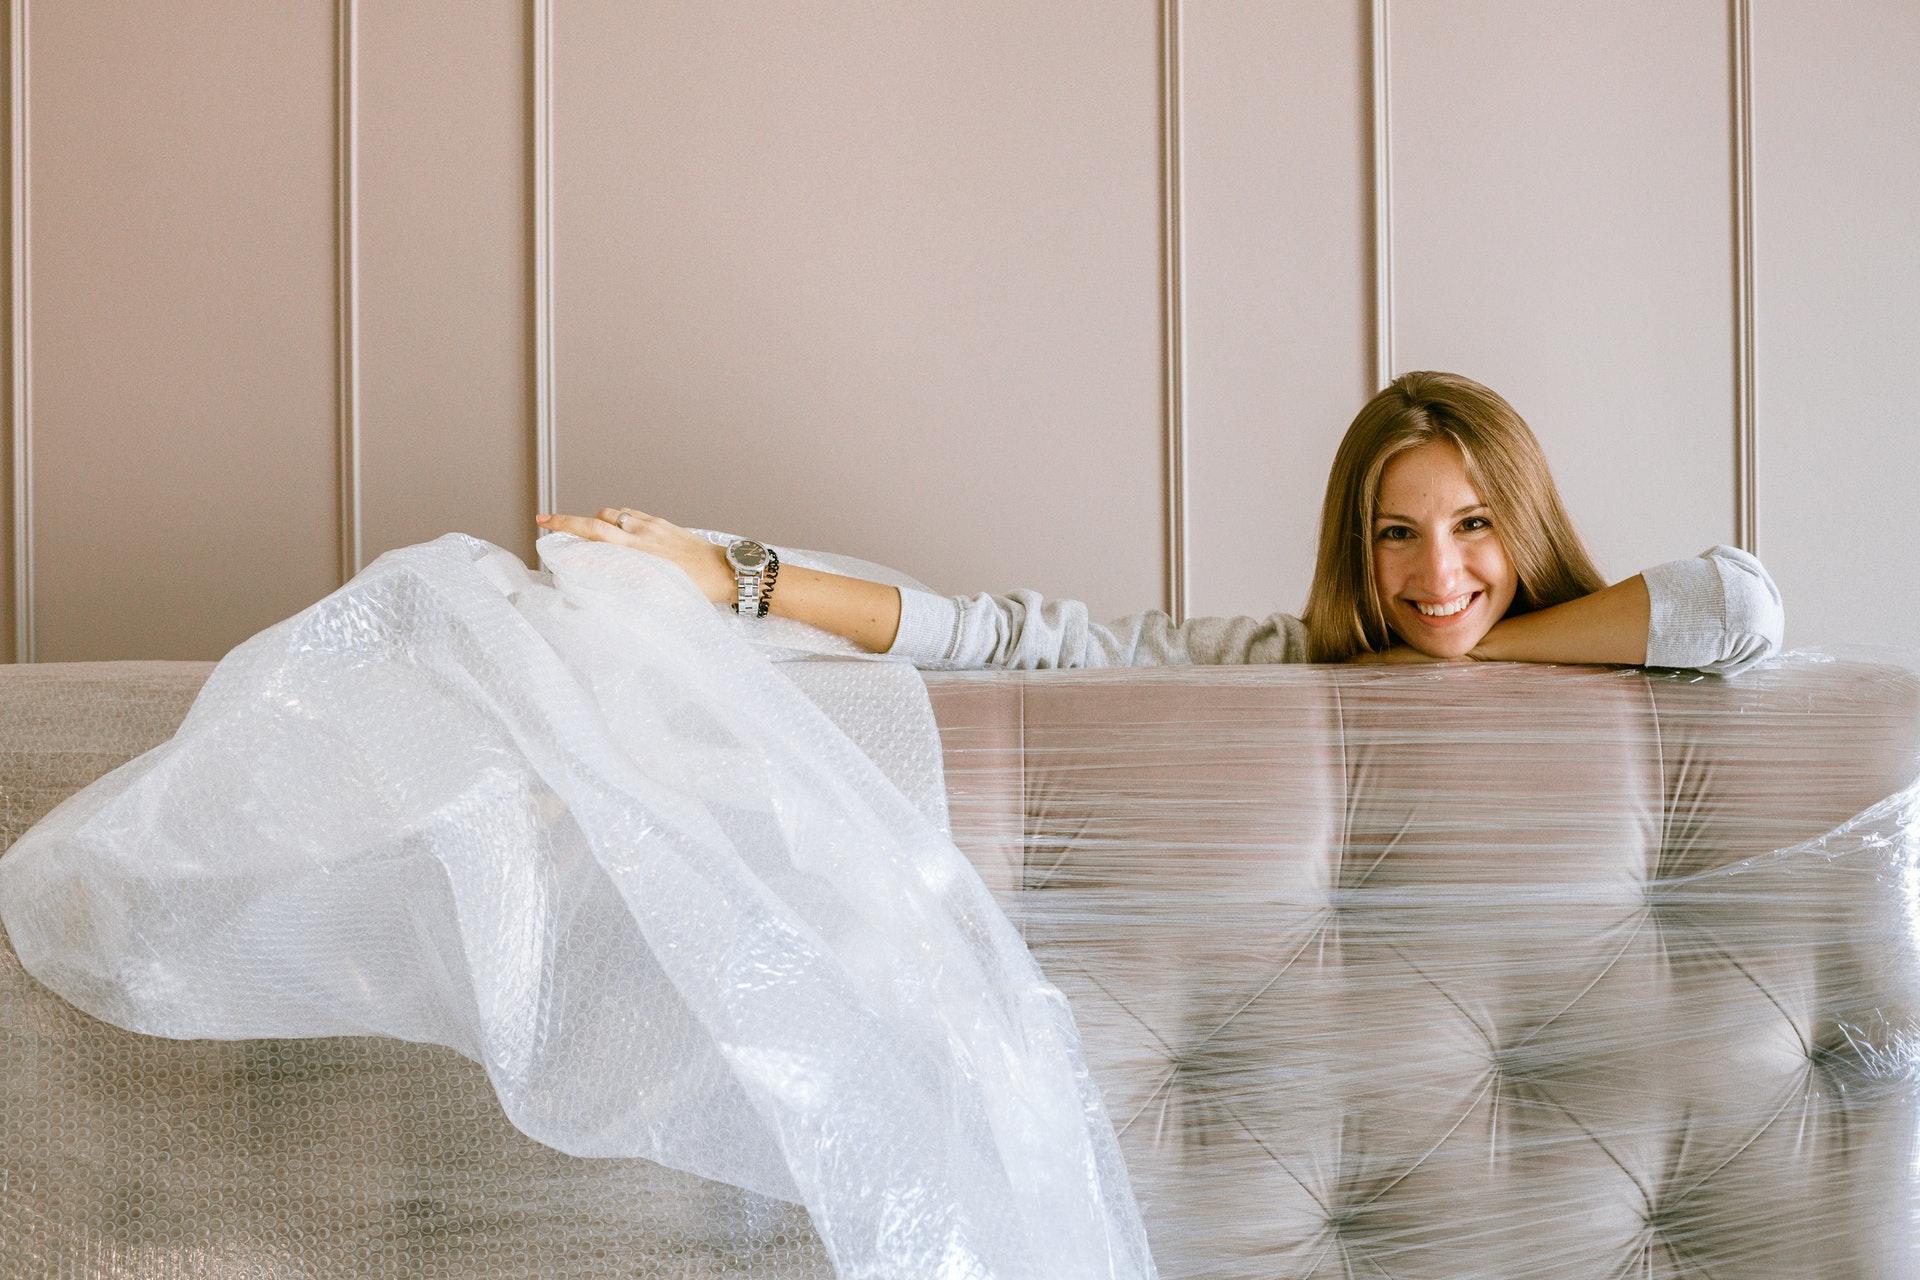 Muuttosiivouksen voi jättää kotisiivousyritys arvojes oyn huoleksi.